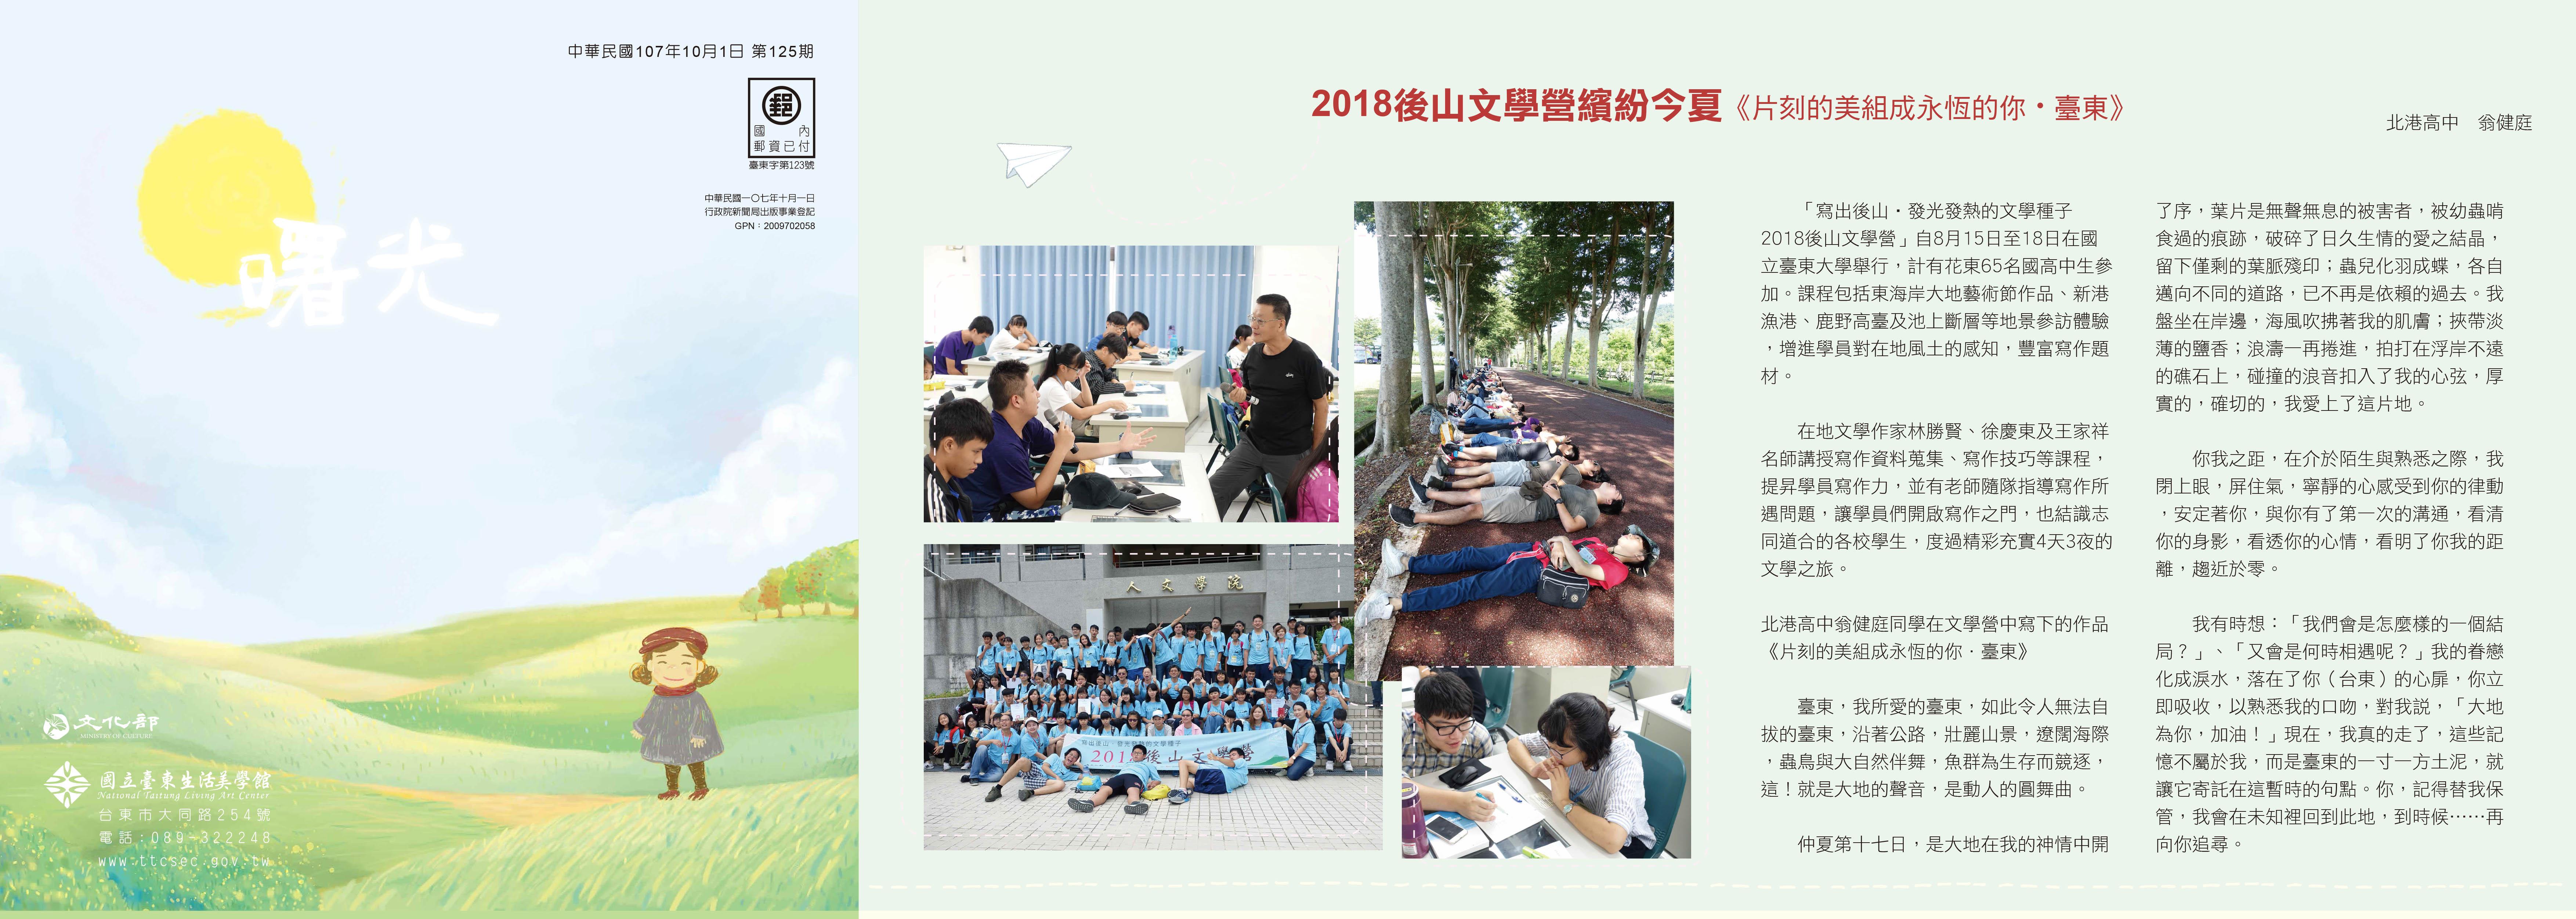 125期曙光月刊1001-01-1.jpg